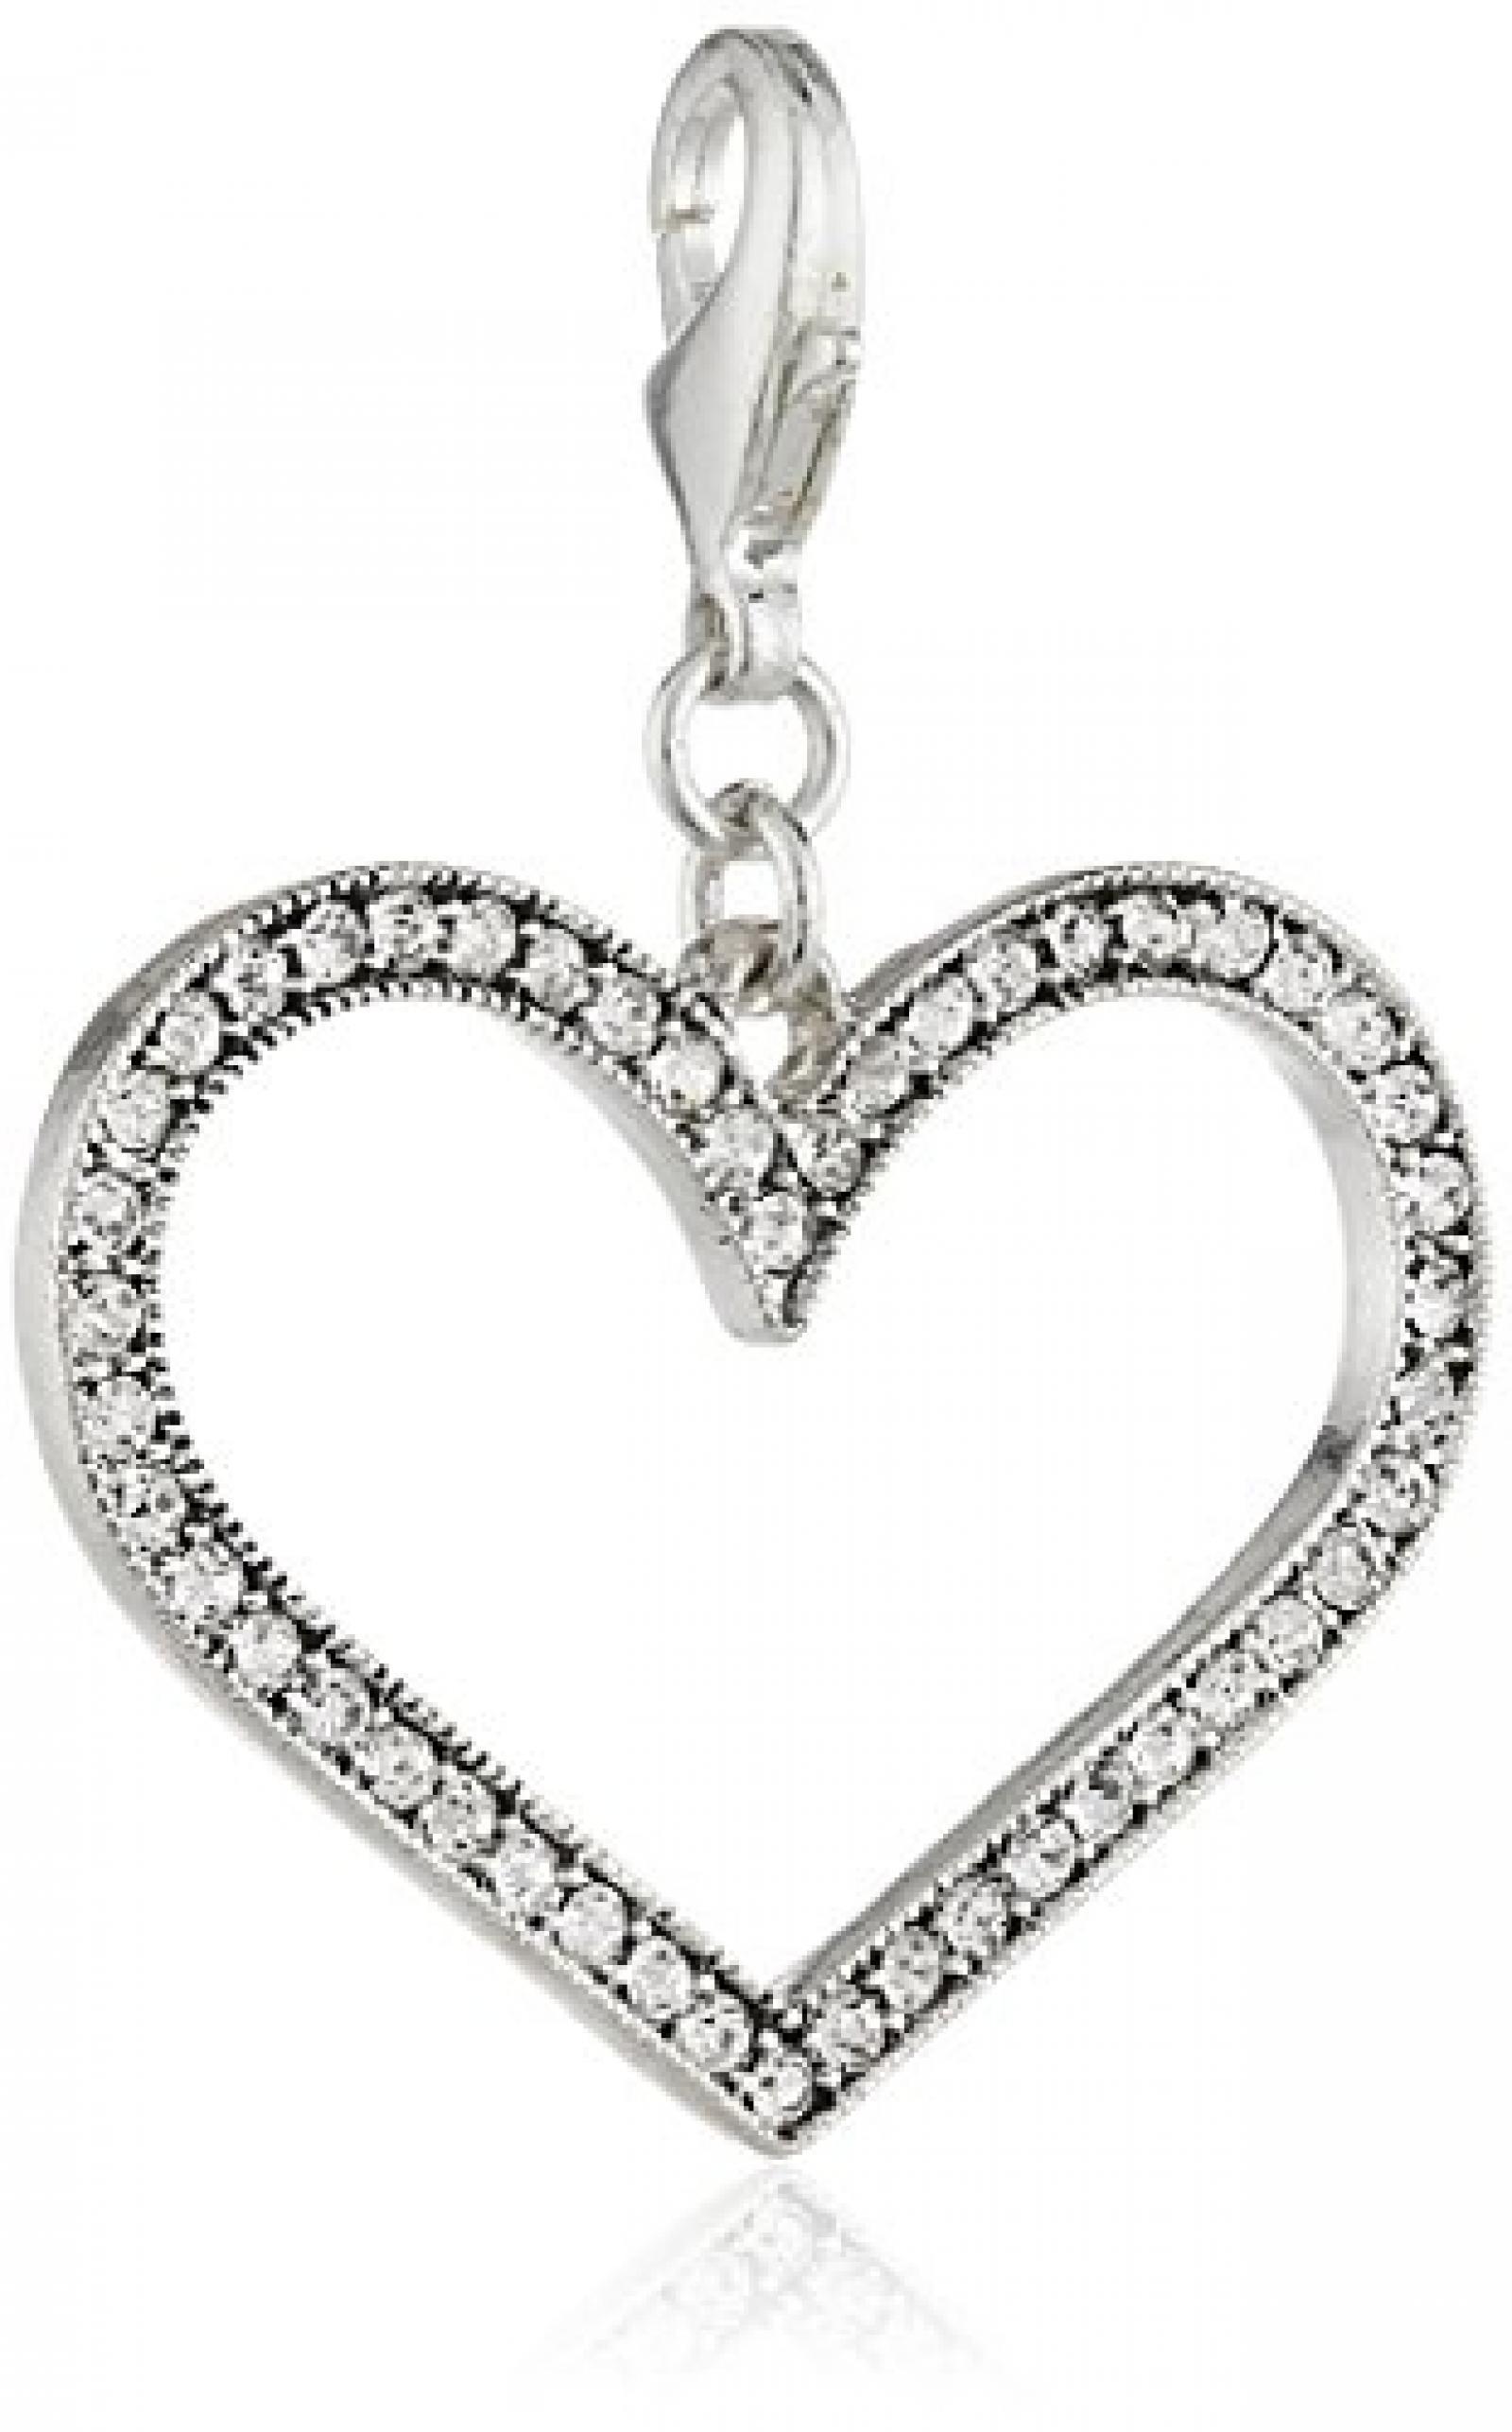 Pilgrim Damen-Anhänger Herz Mega Charms versilbert kristall 41121-6013